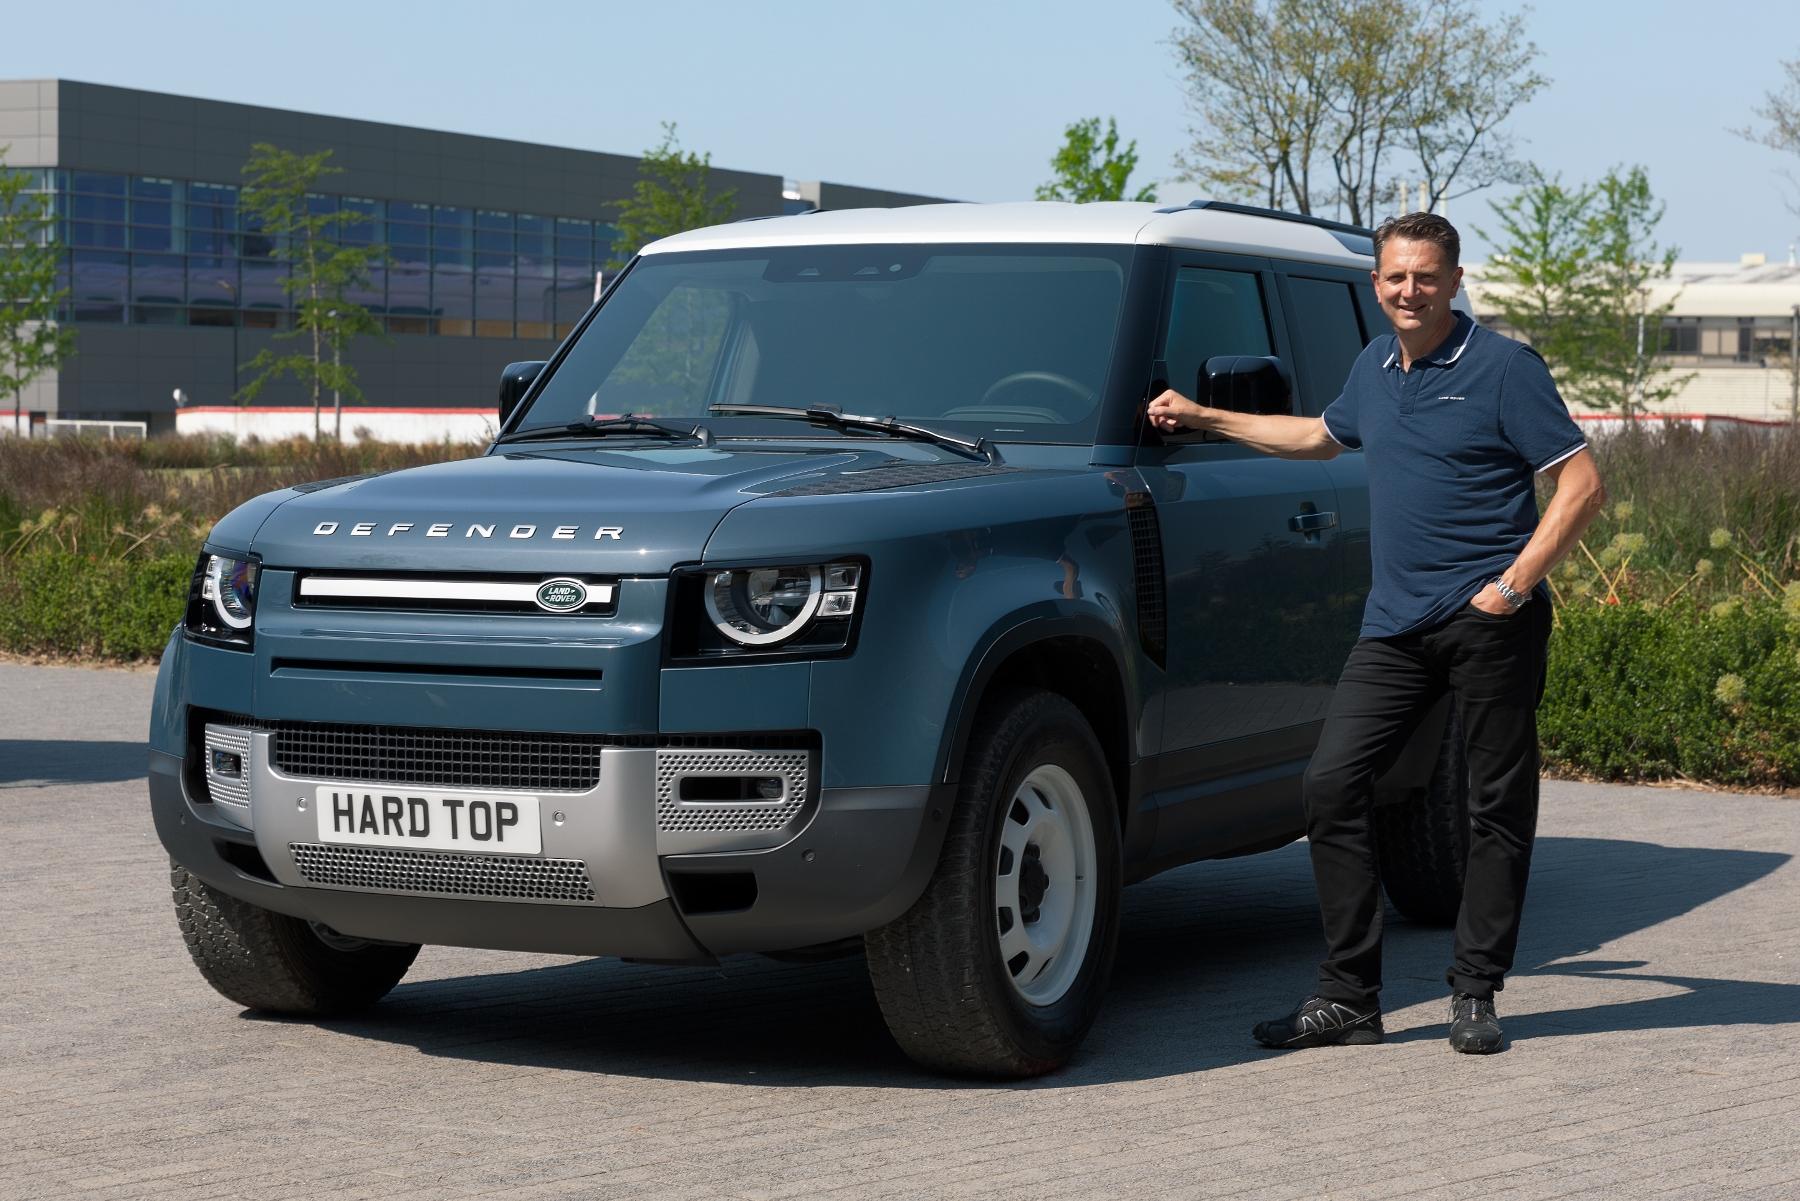 Nový Land Rover Defender prichádza v úžitkovej verzii Hard Top hifJvQJLbB 1lrdefhardtopnickrogers300